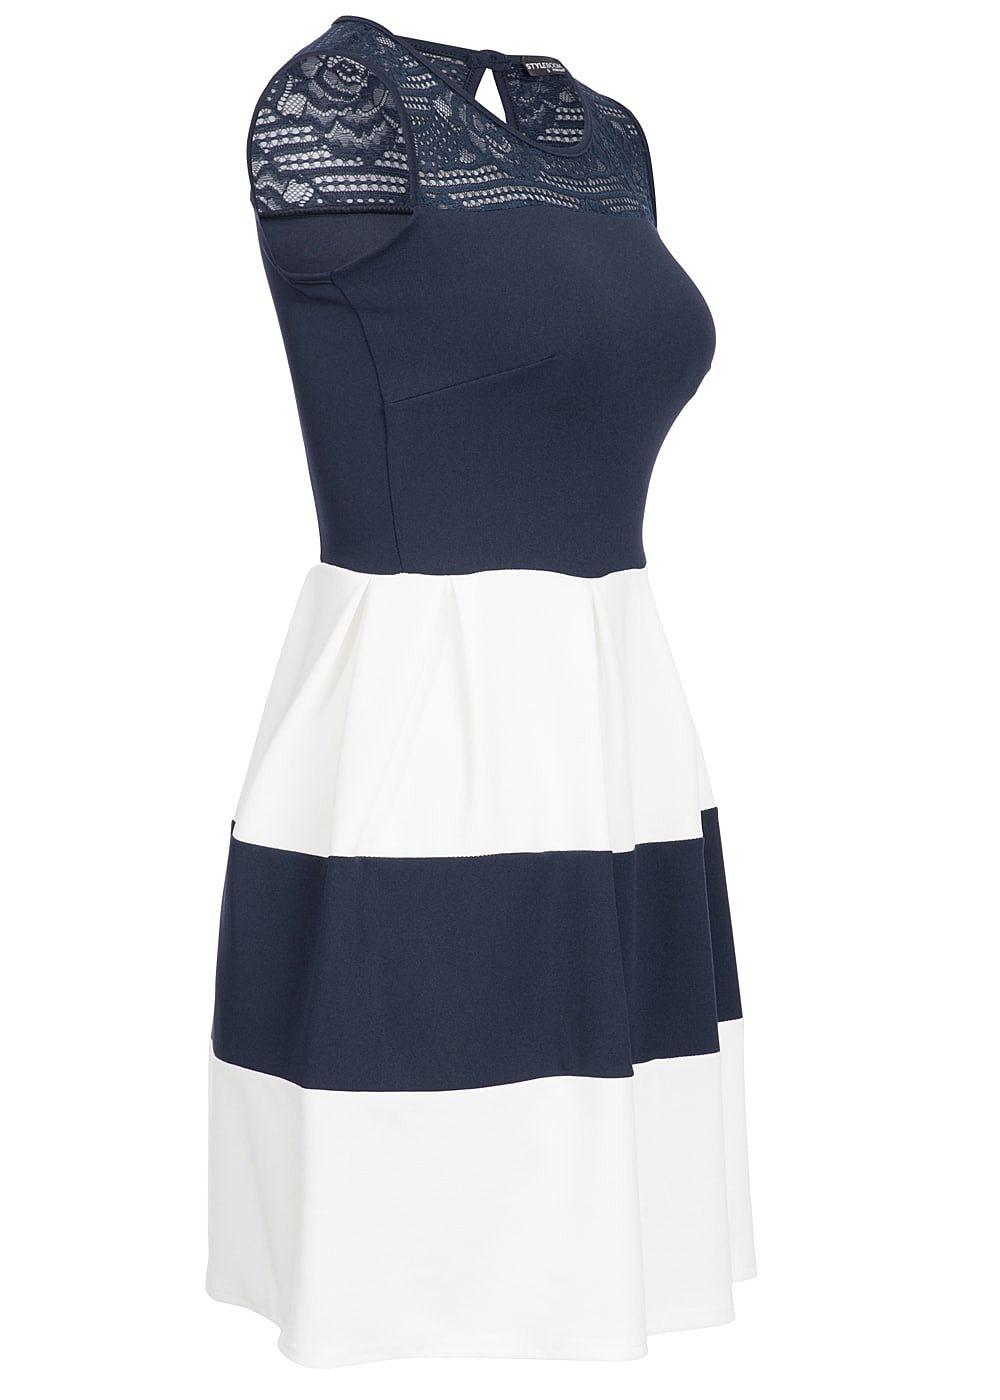 Kleid blau weib gestreift mit spitze